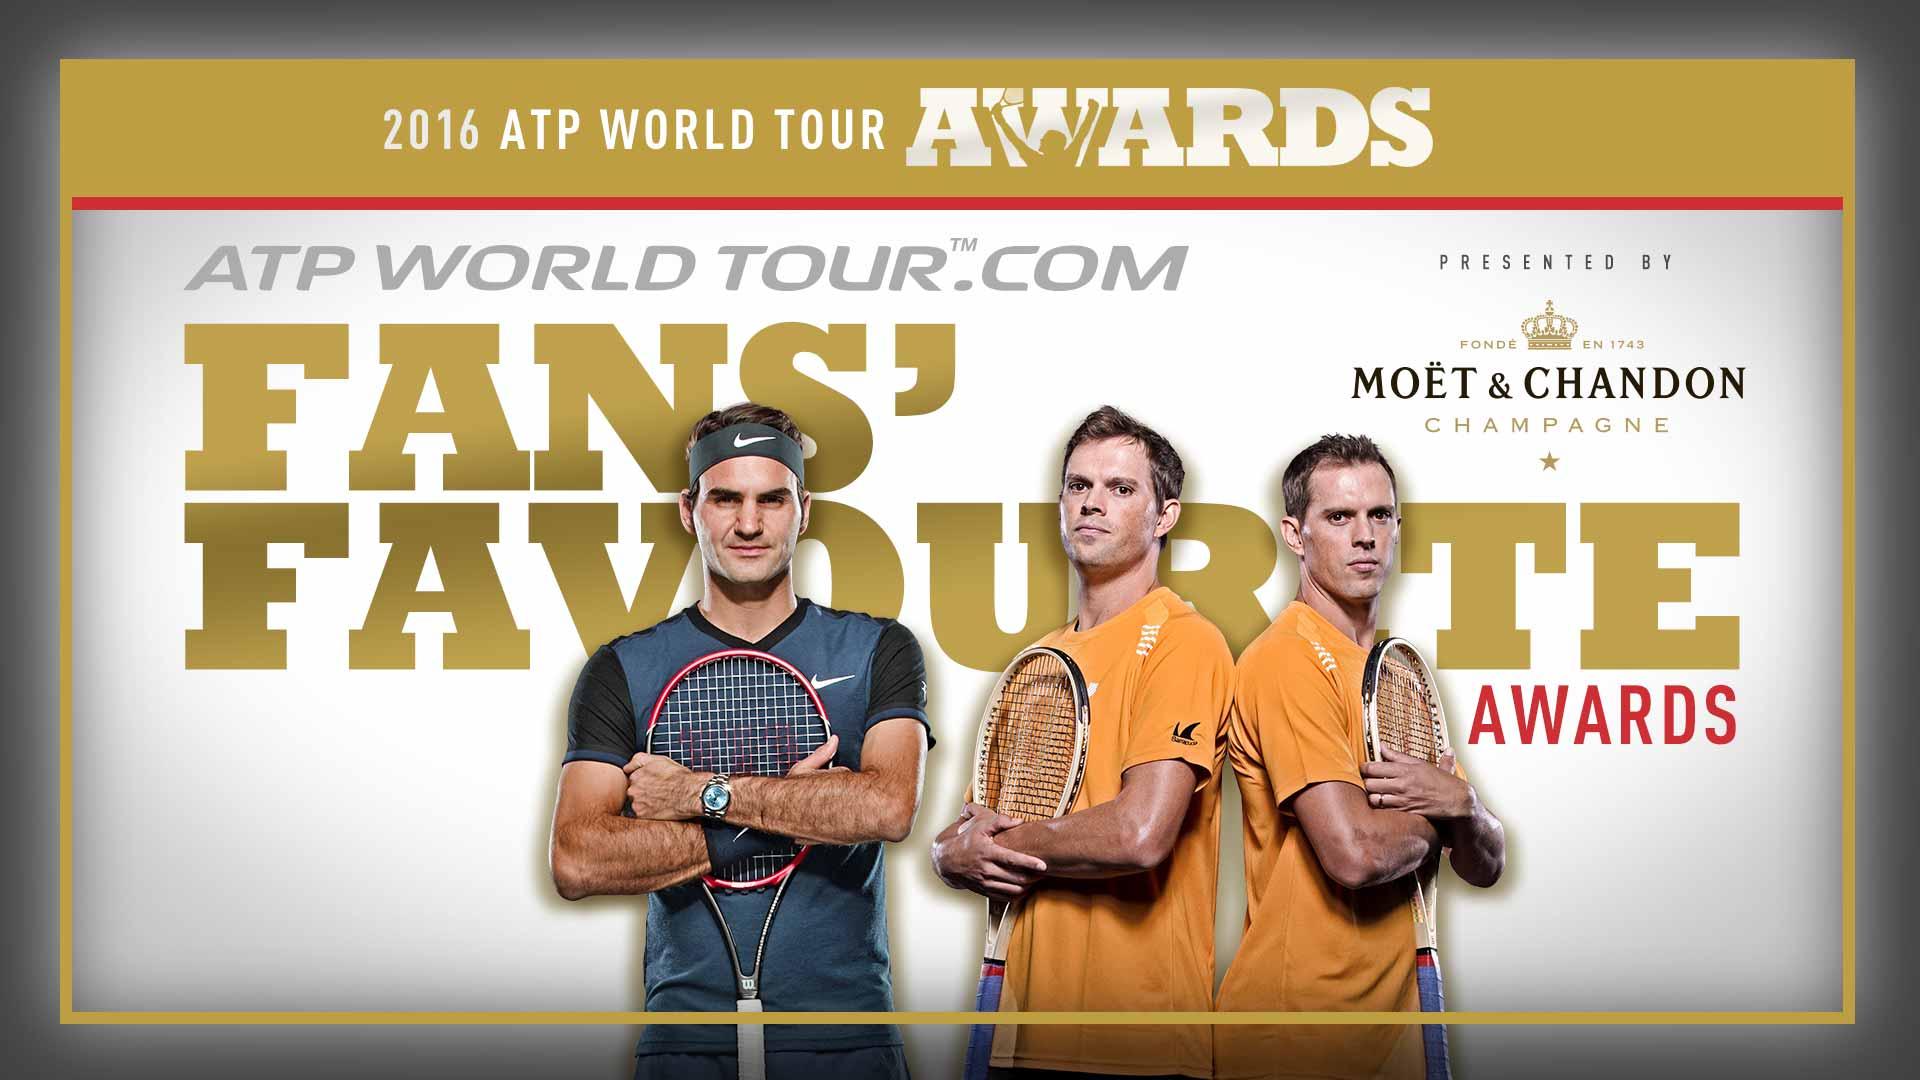 2016 ATP World Tour Awards